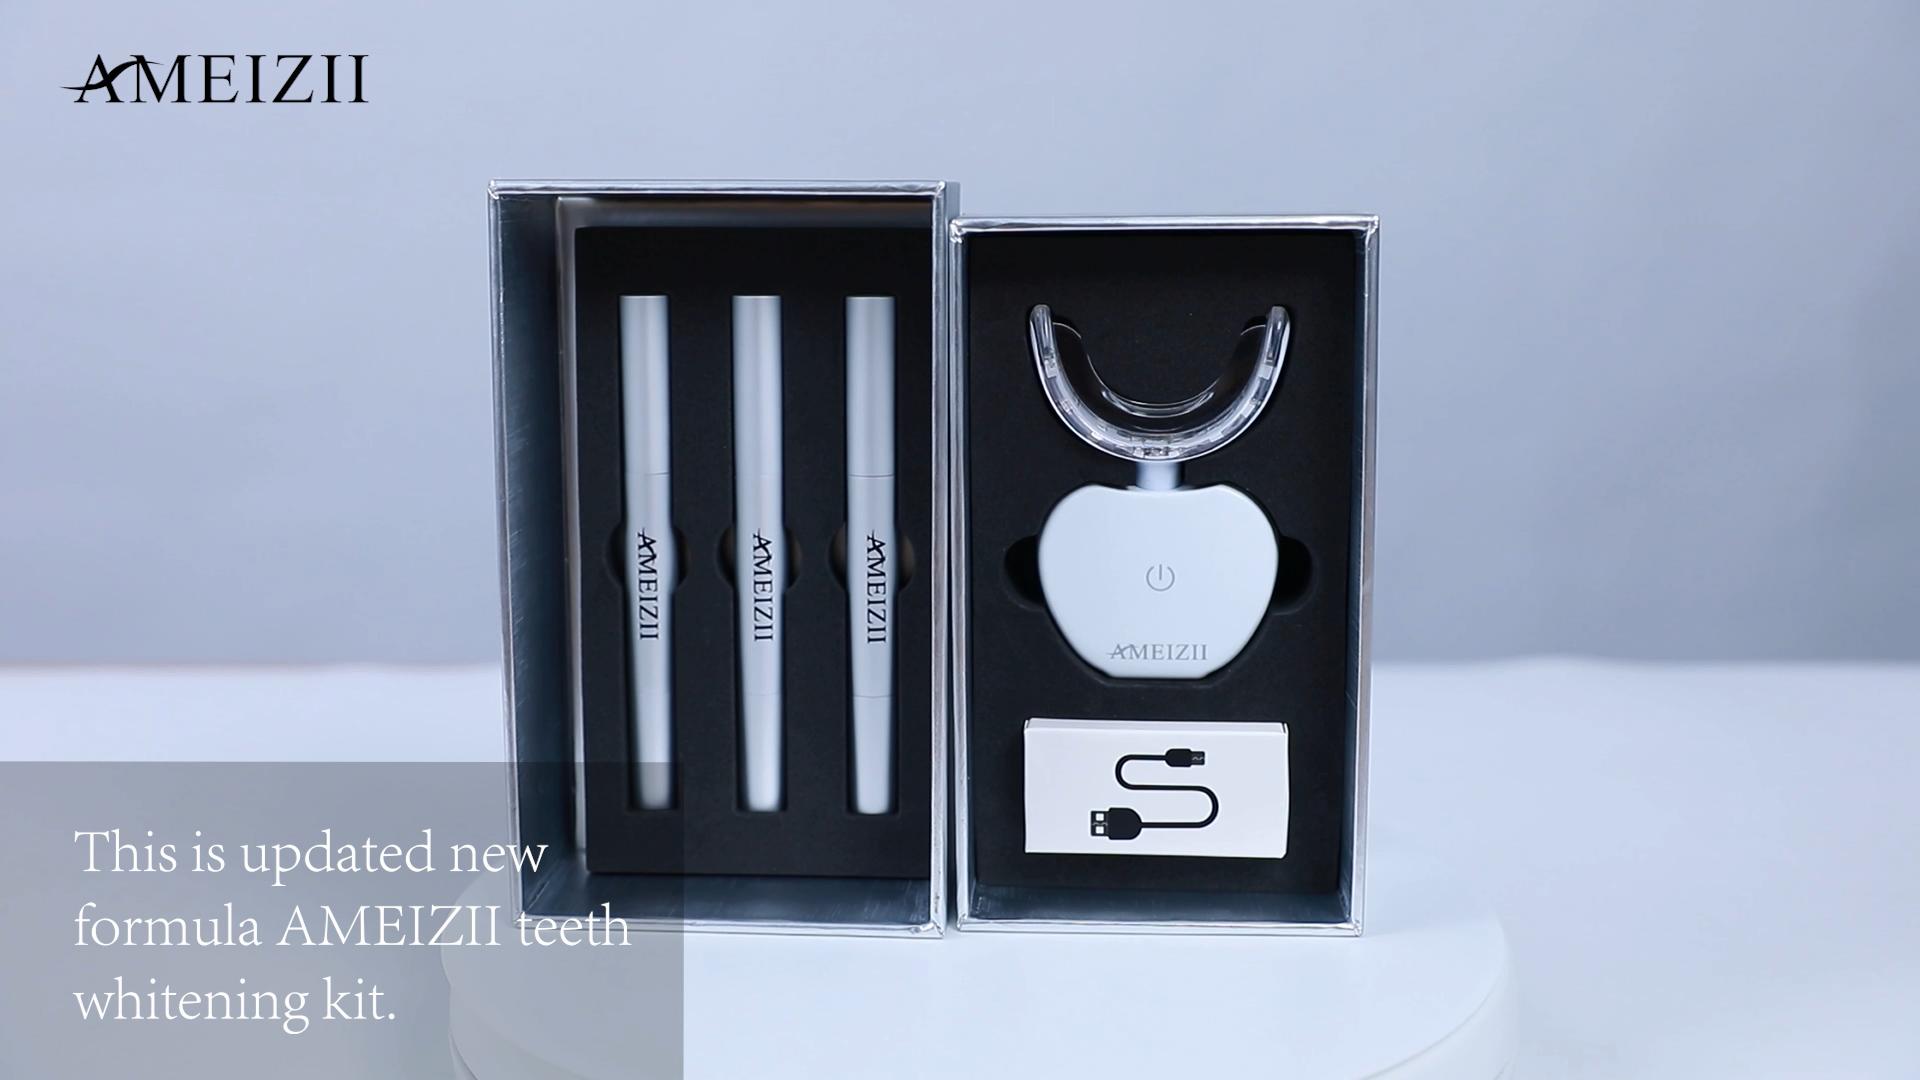 CE şarj edilebilir kablosuz diş beyazlatma lambası makinesi diş beyazlatma jel kalem kitleri su geçirmez diş beyazlatıcı Blanqueador diş